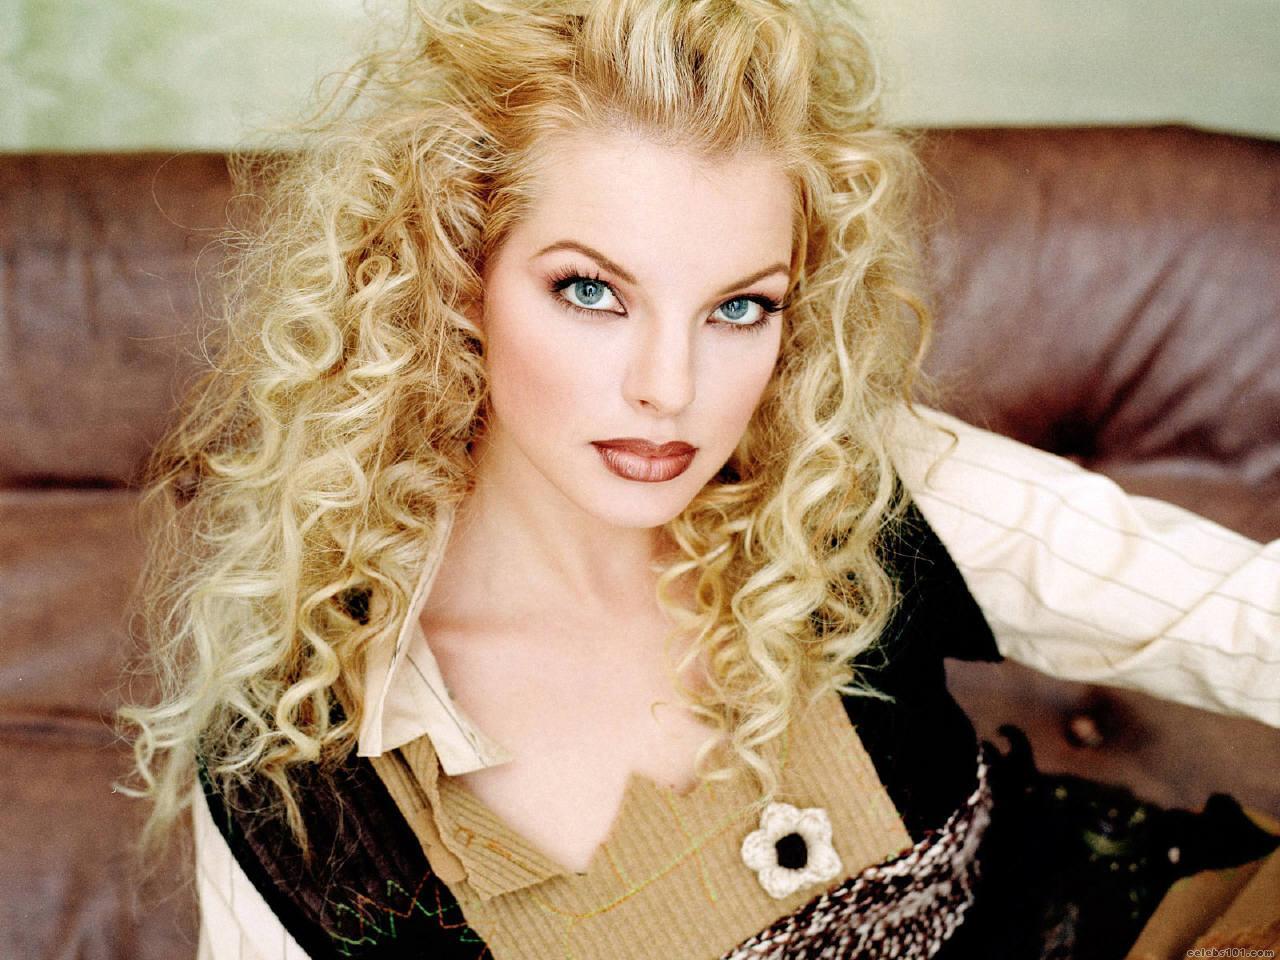 Фото кудряшек блондинки, Блондинка Изображения Pixabay Скачать бесплатные 2 фотография